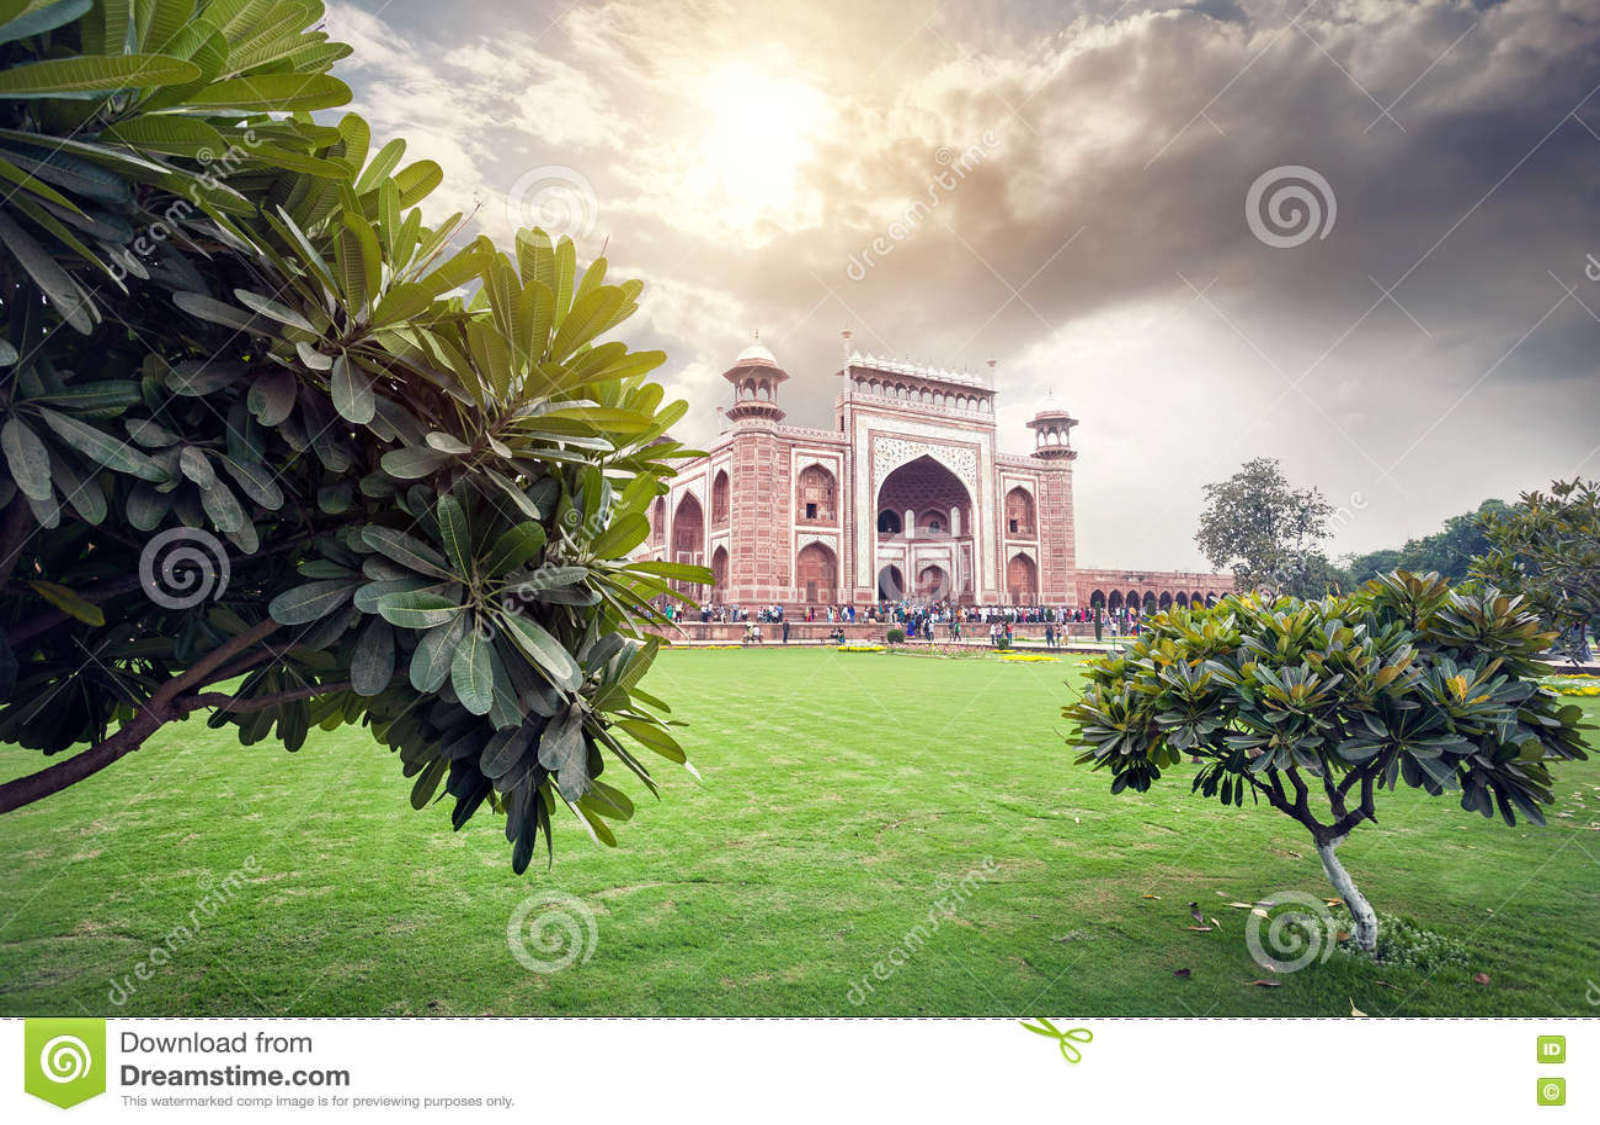 Großes Tor von Taj Mahal am schönen Himmel in Indien